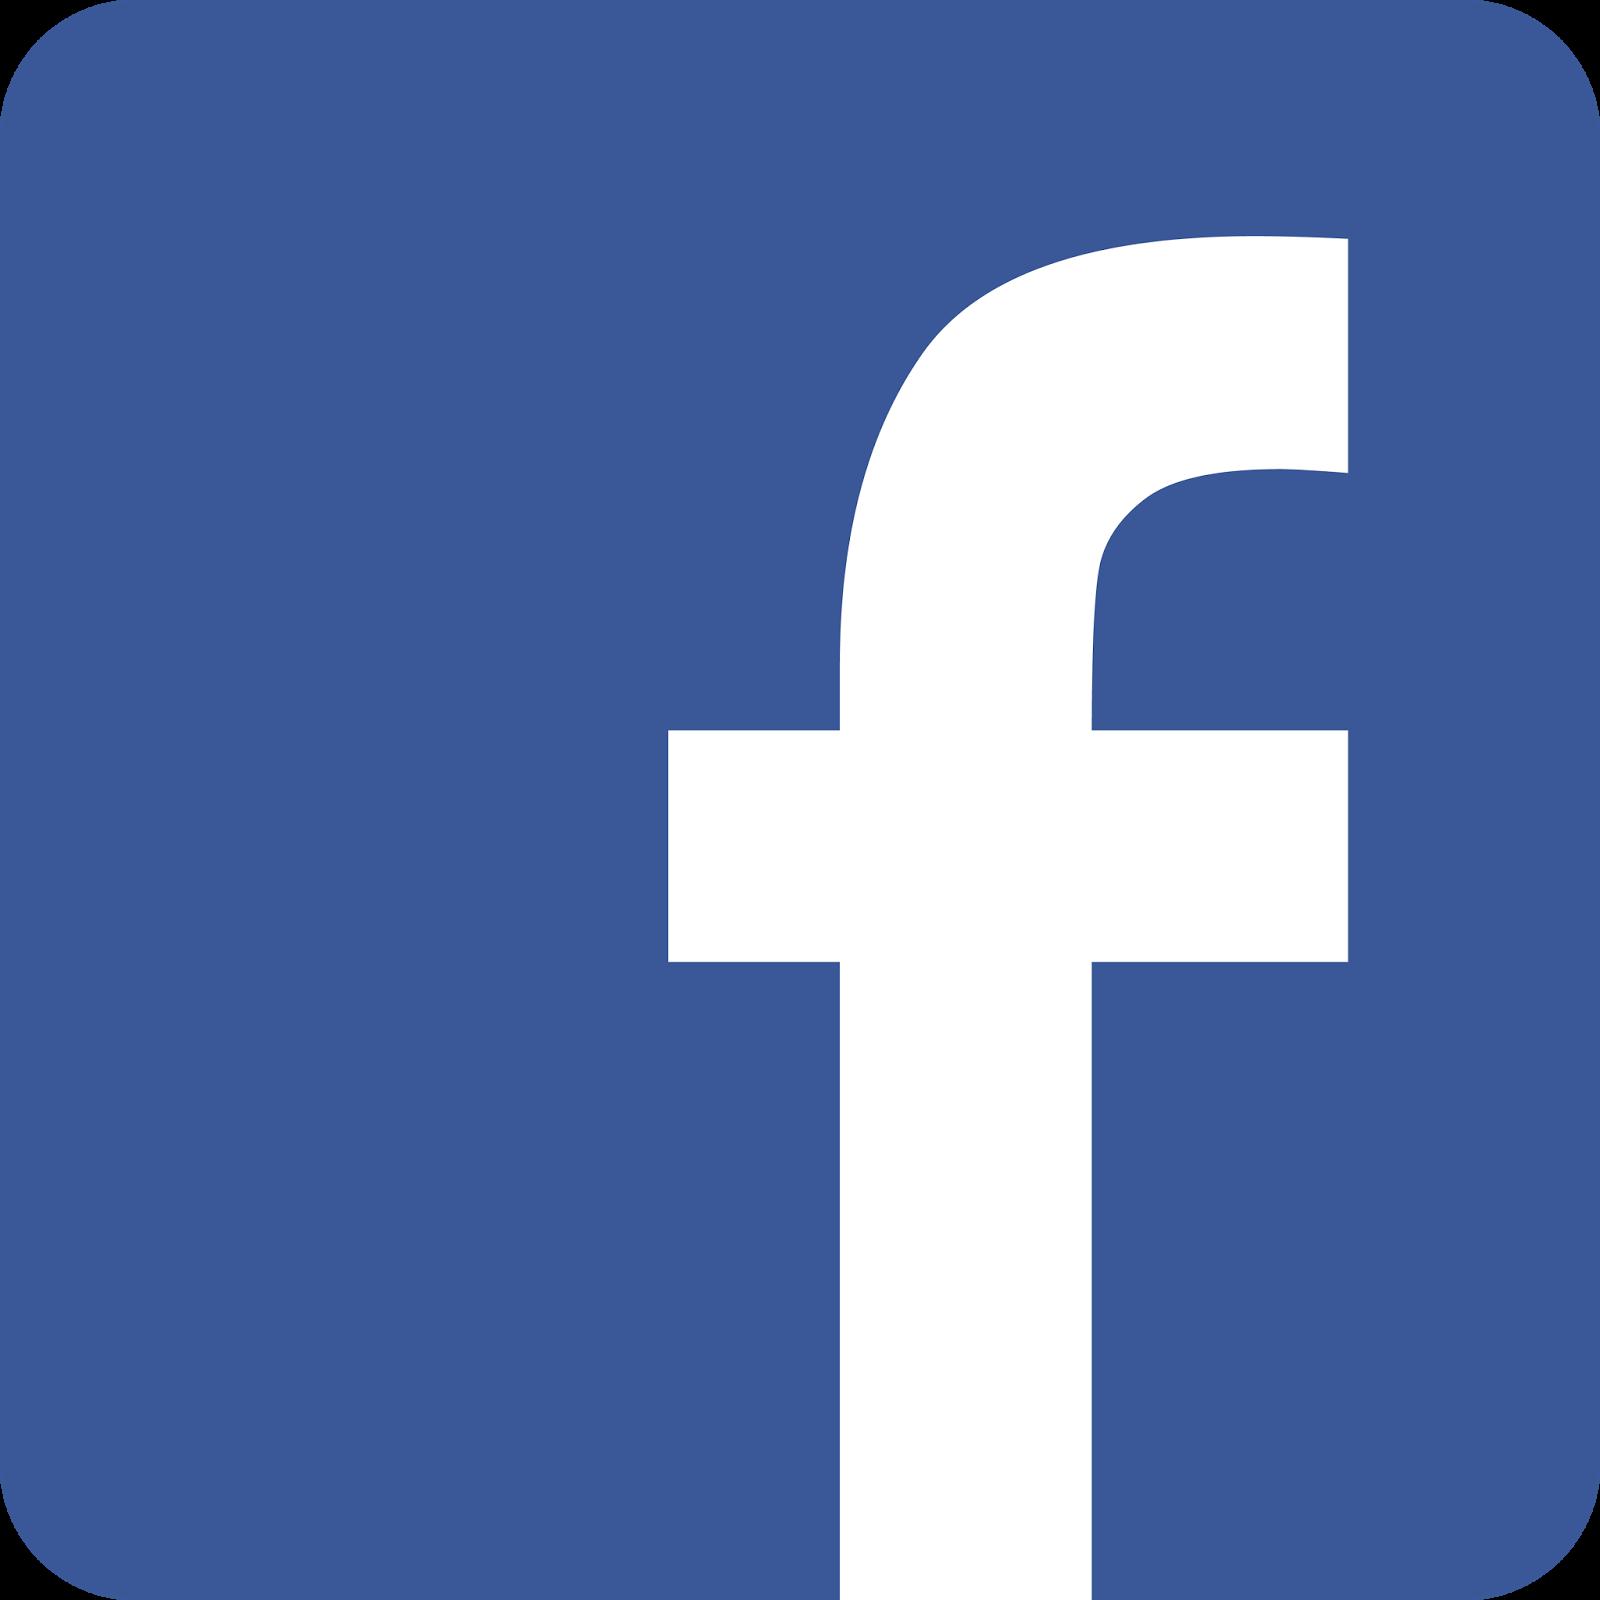 facebook_partner_logo